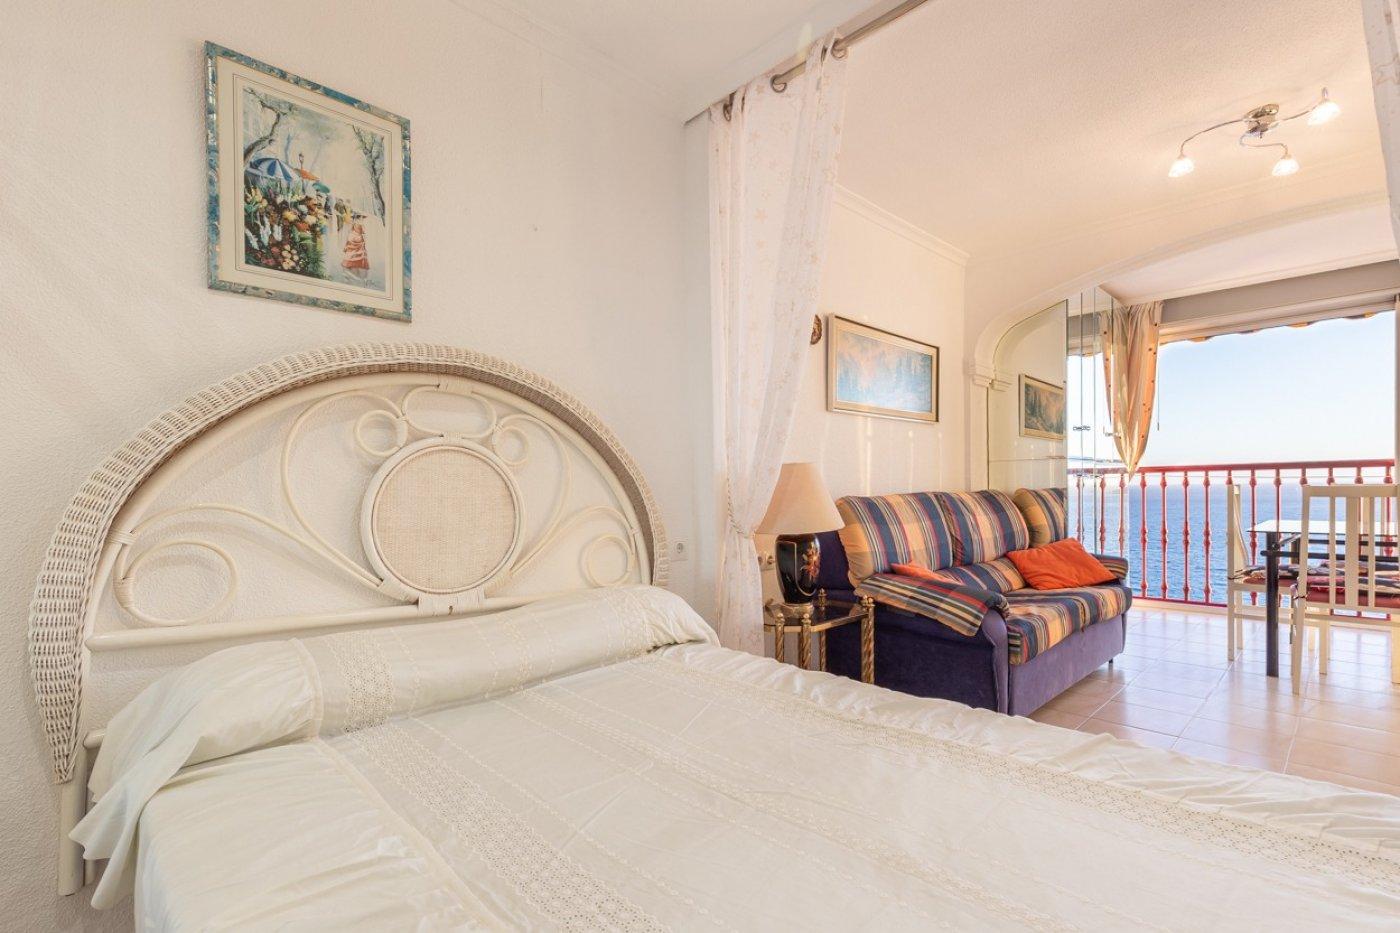 Espectacular apartamento en 1ª línea de Playa Levante  con increíbles vistas al mar 5